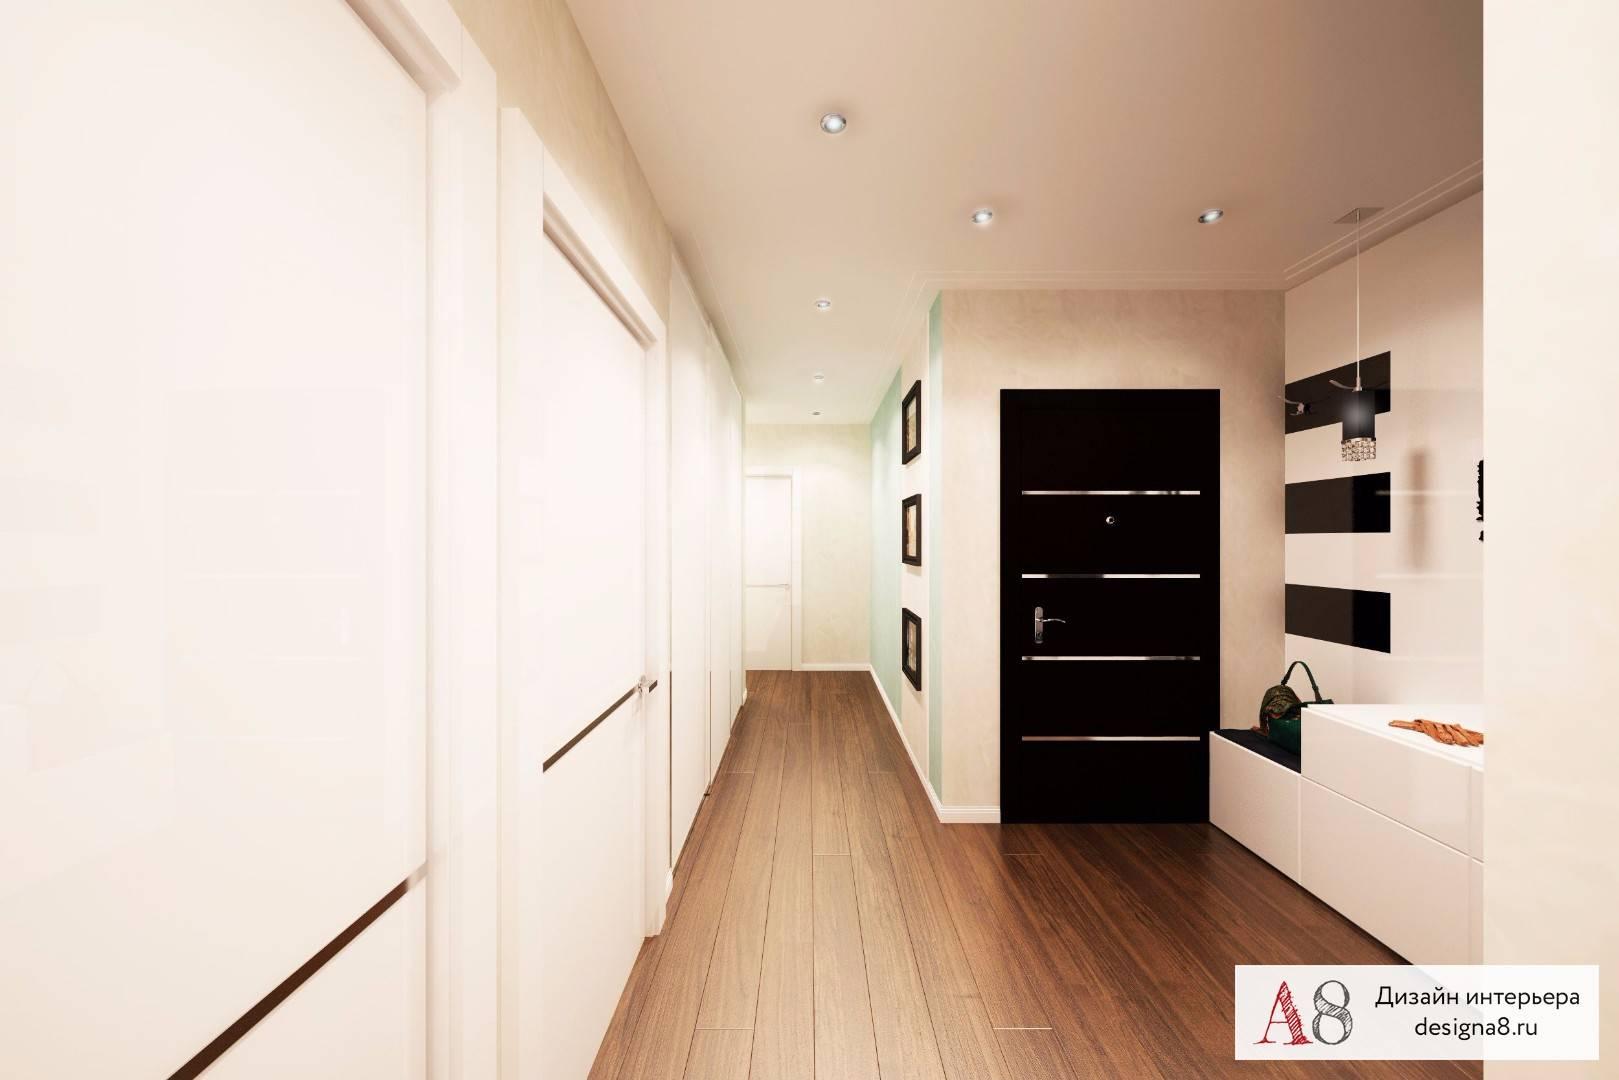 Рациональная планировка четырехкомнатной квартиры